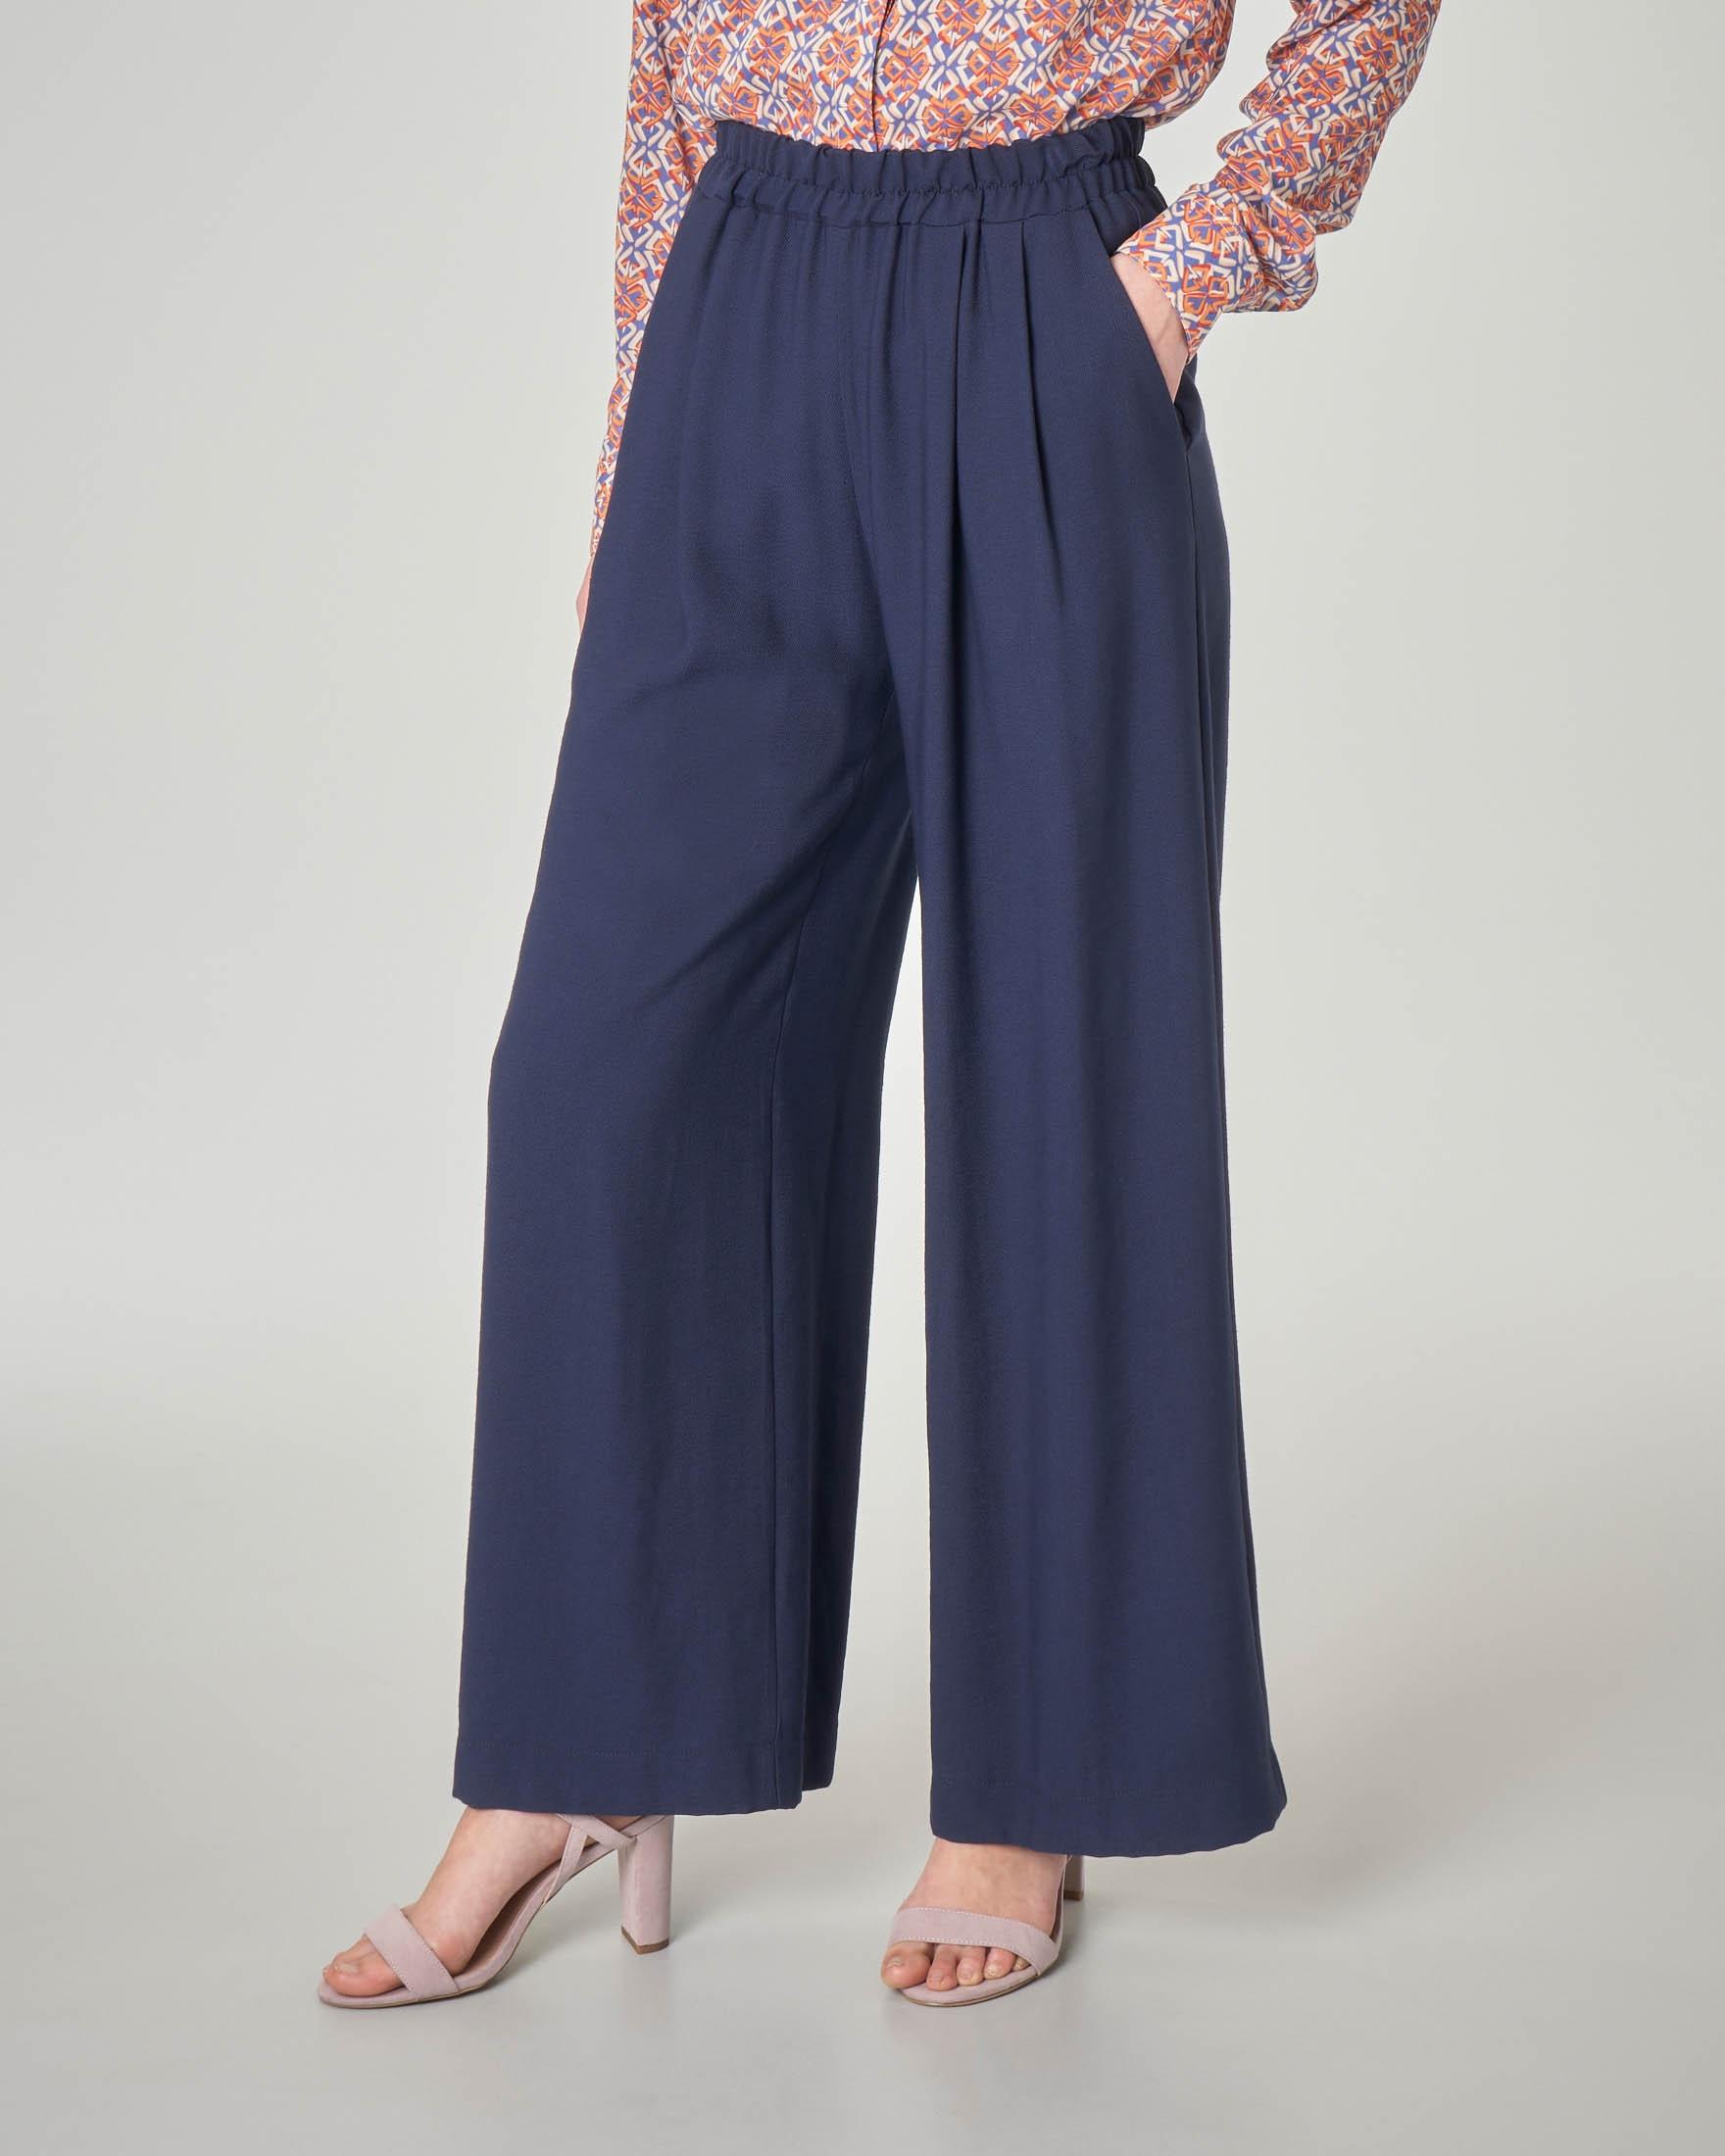 6dd9c418cd Pantaloni palazzo blu in misto viscosa con elastico in vita